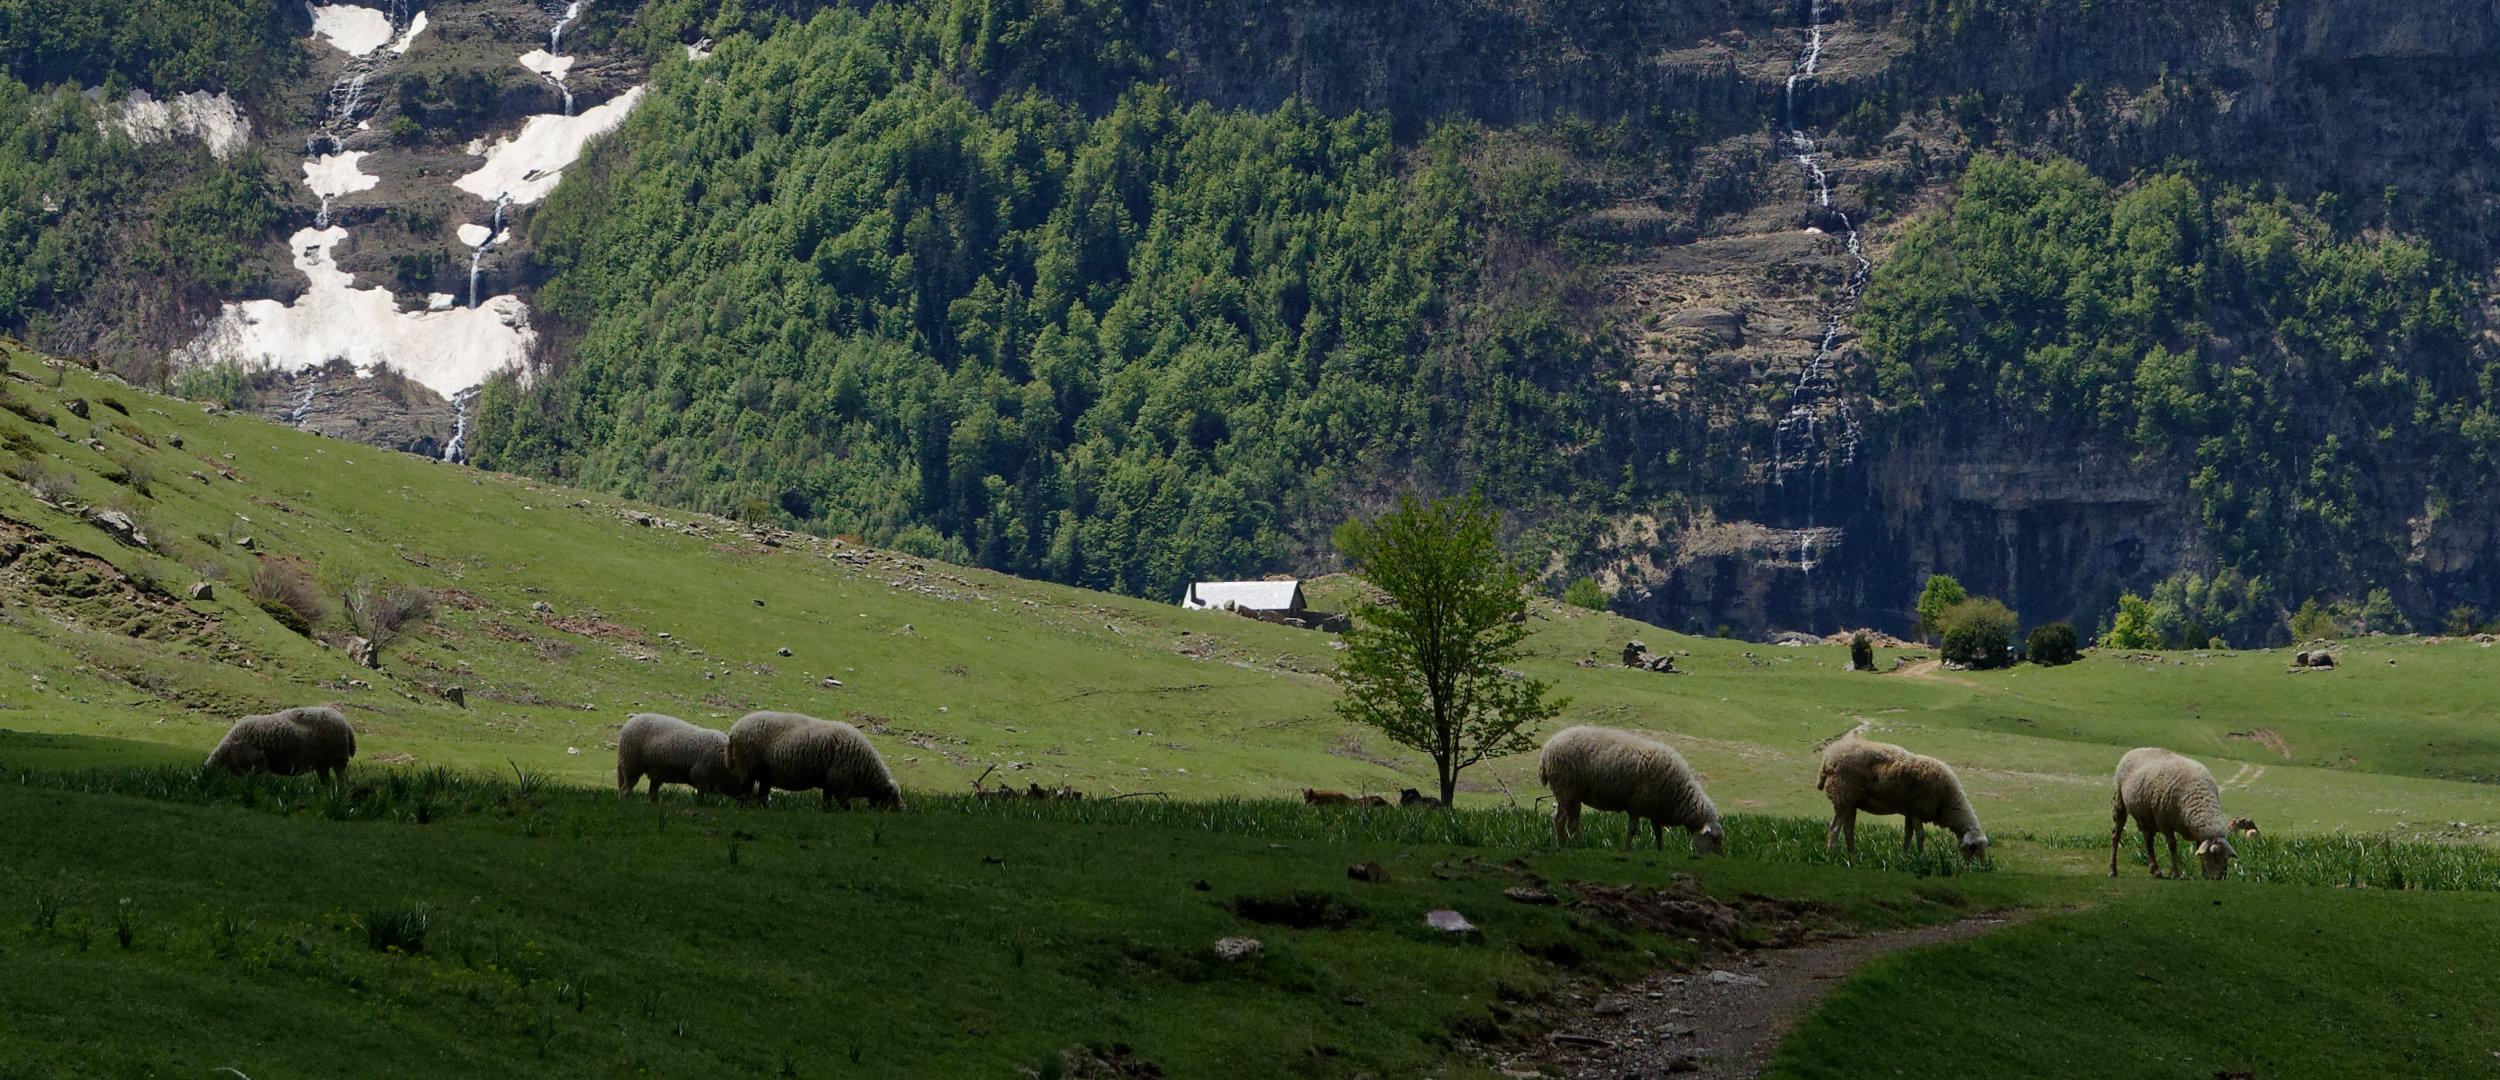 180522-Marche Cascades de la Larri (213) (Valle de Pineta-Sobrarbe-Aragon)_2